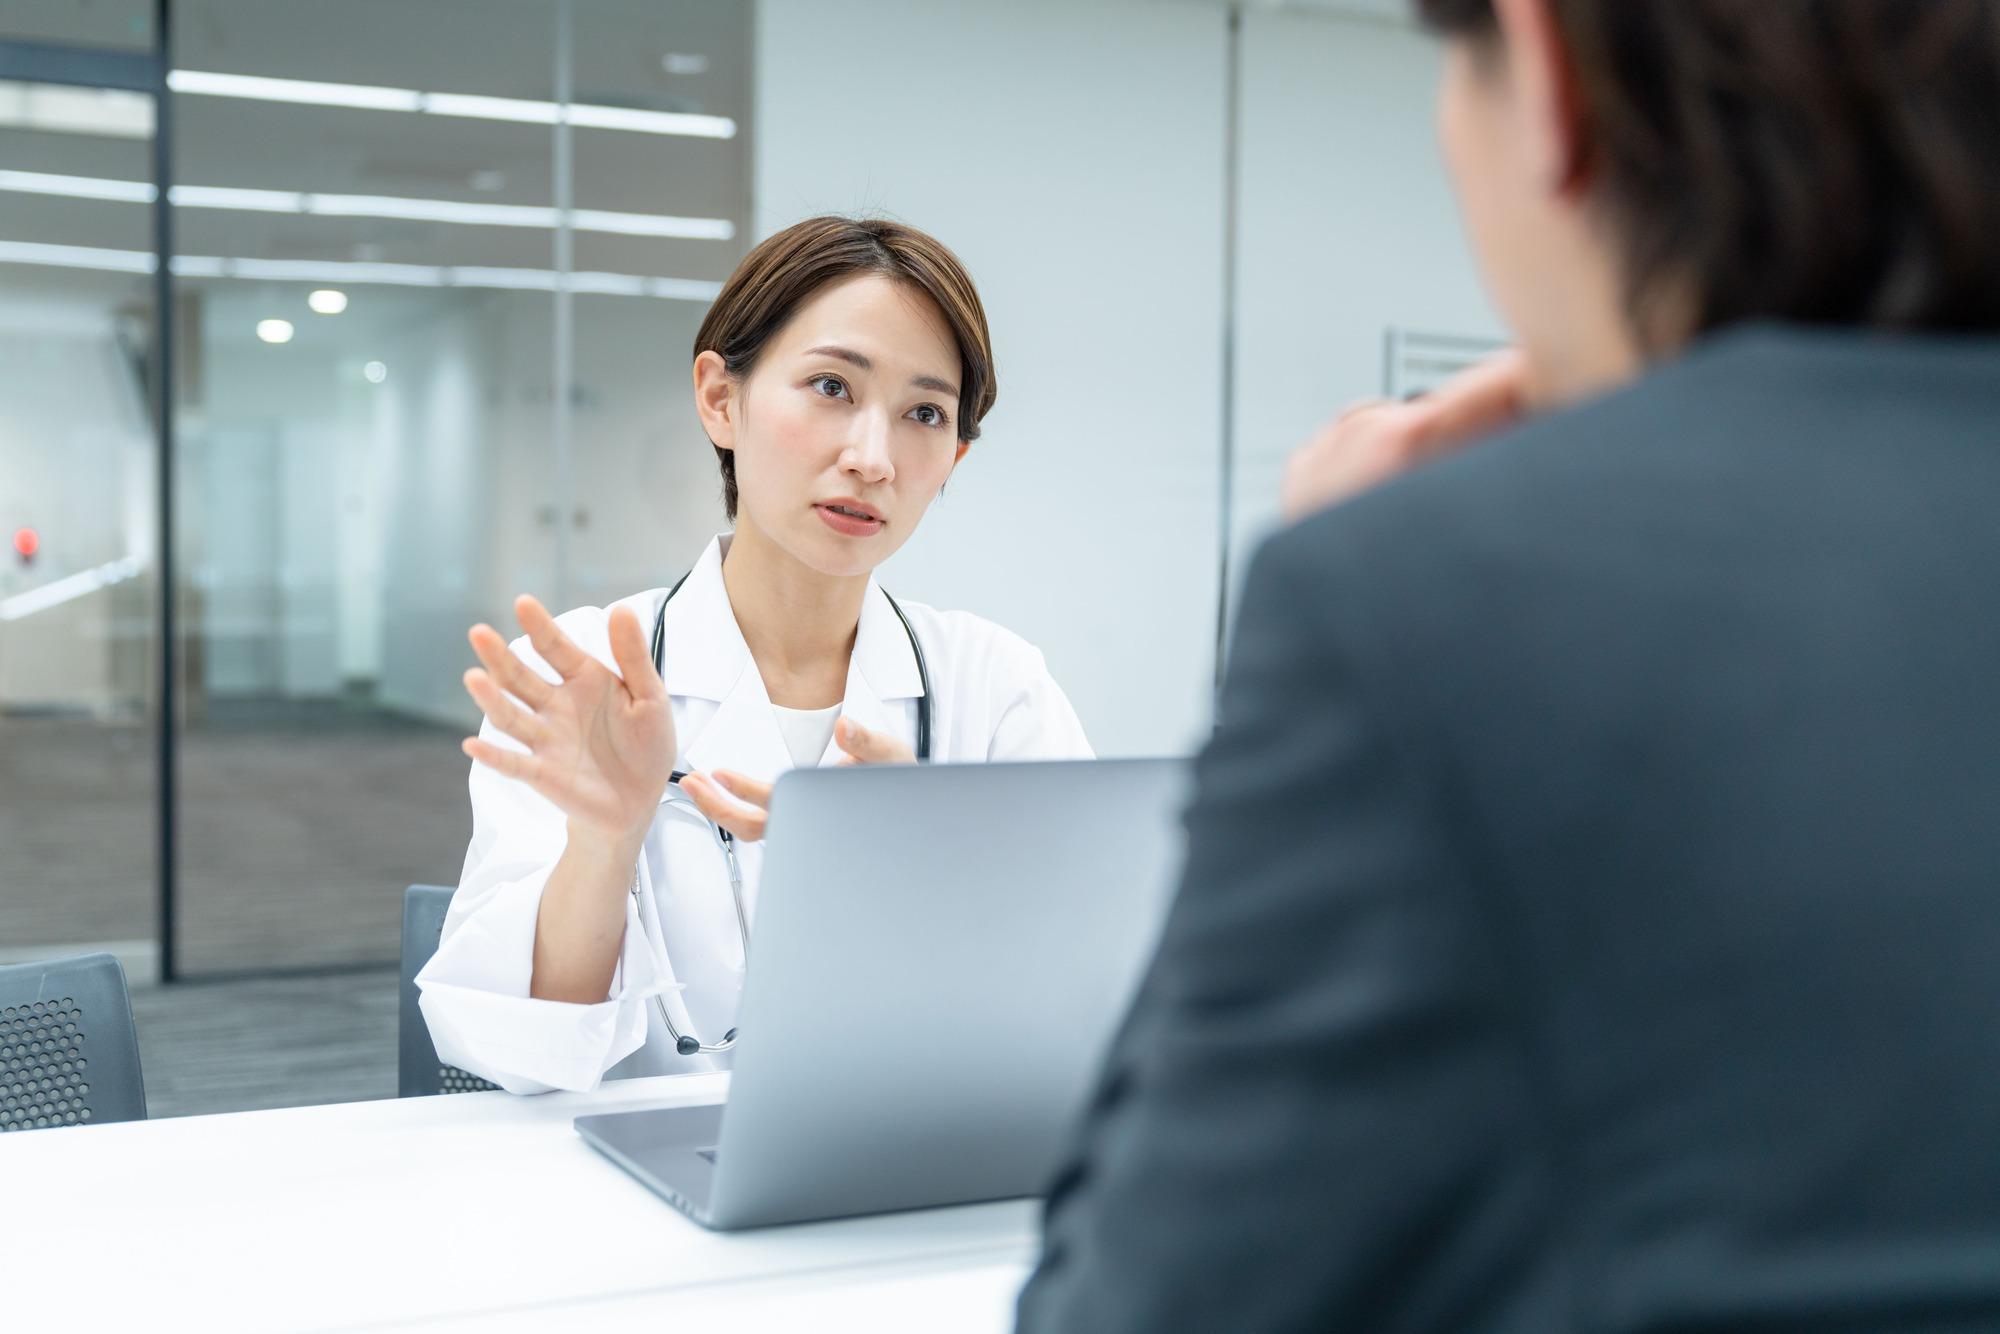 医師の転職相談にキャリアアドバイザーがおすすめである理由